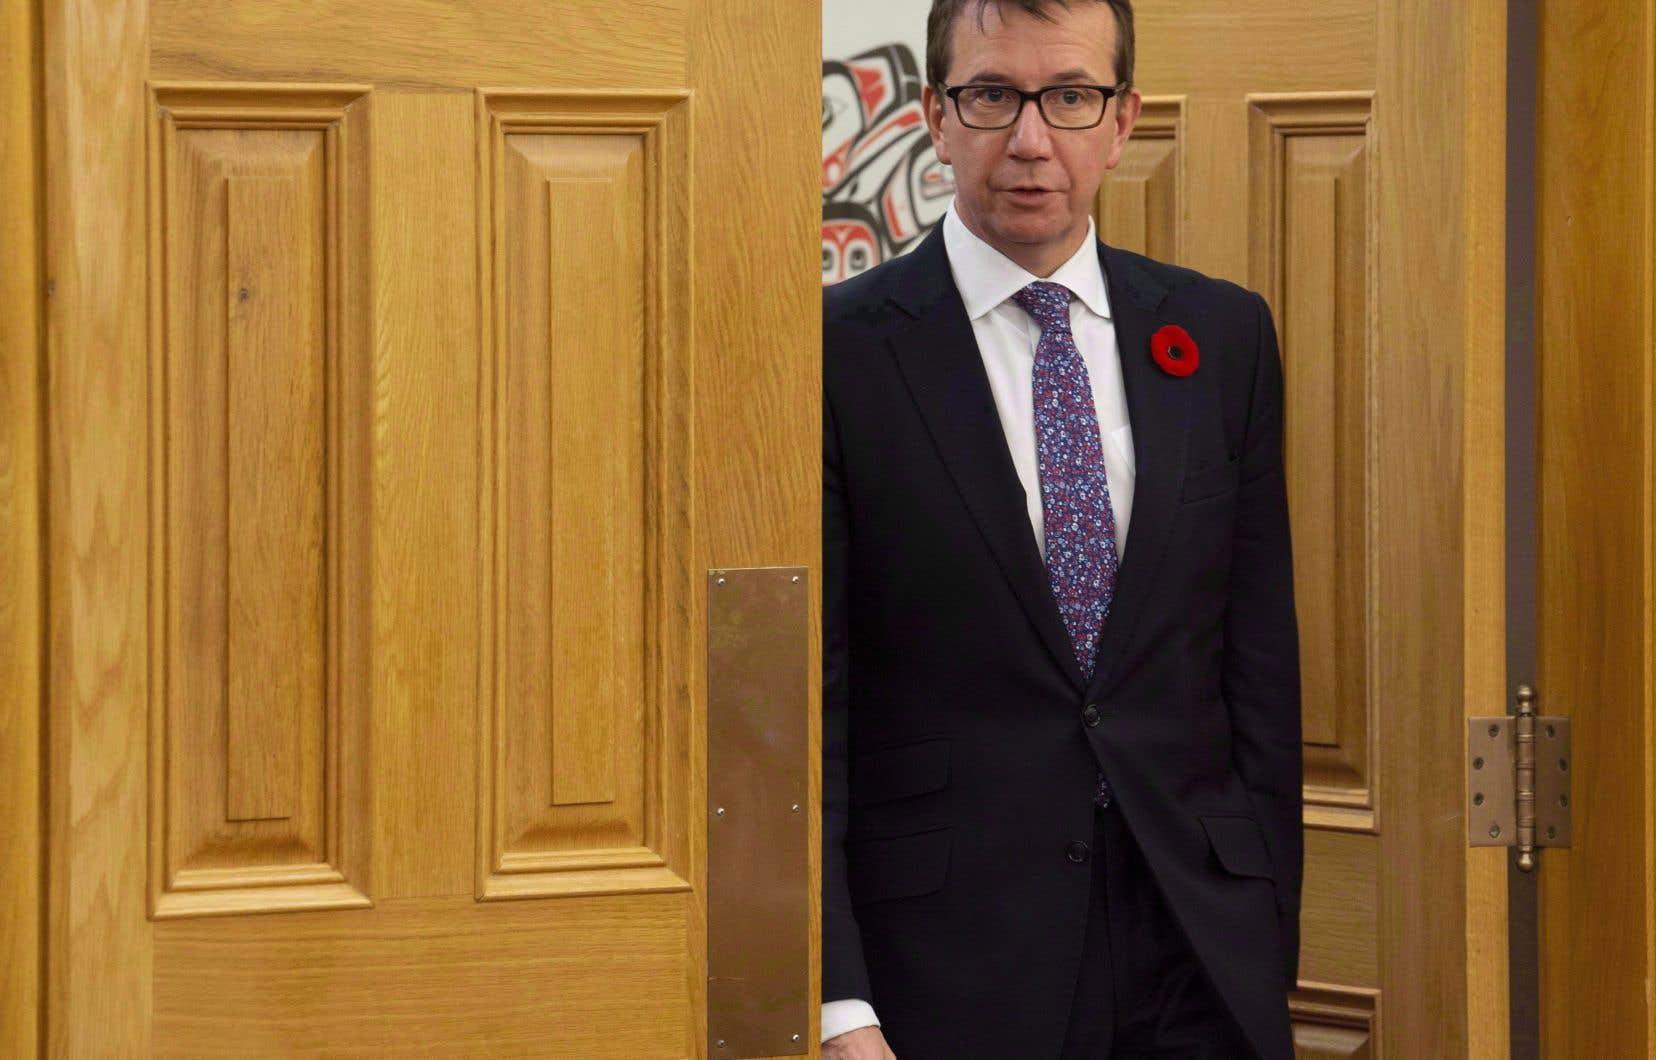 M.Brison a démissionné du cabinet du premier ministre Justin Trudeau au début de janvier après avoir décidé qu'il ne briguerait pas de nouveau mandat comme député l'automne prochain.